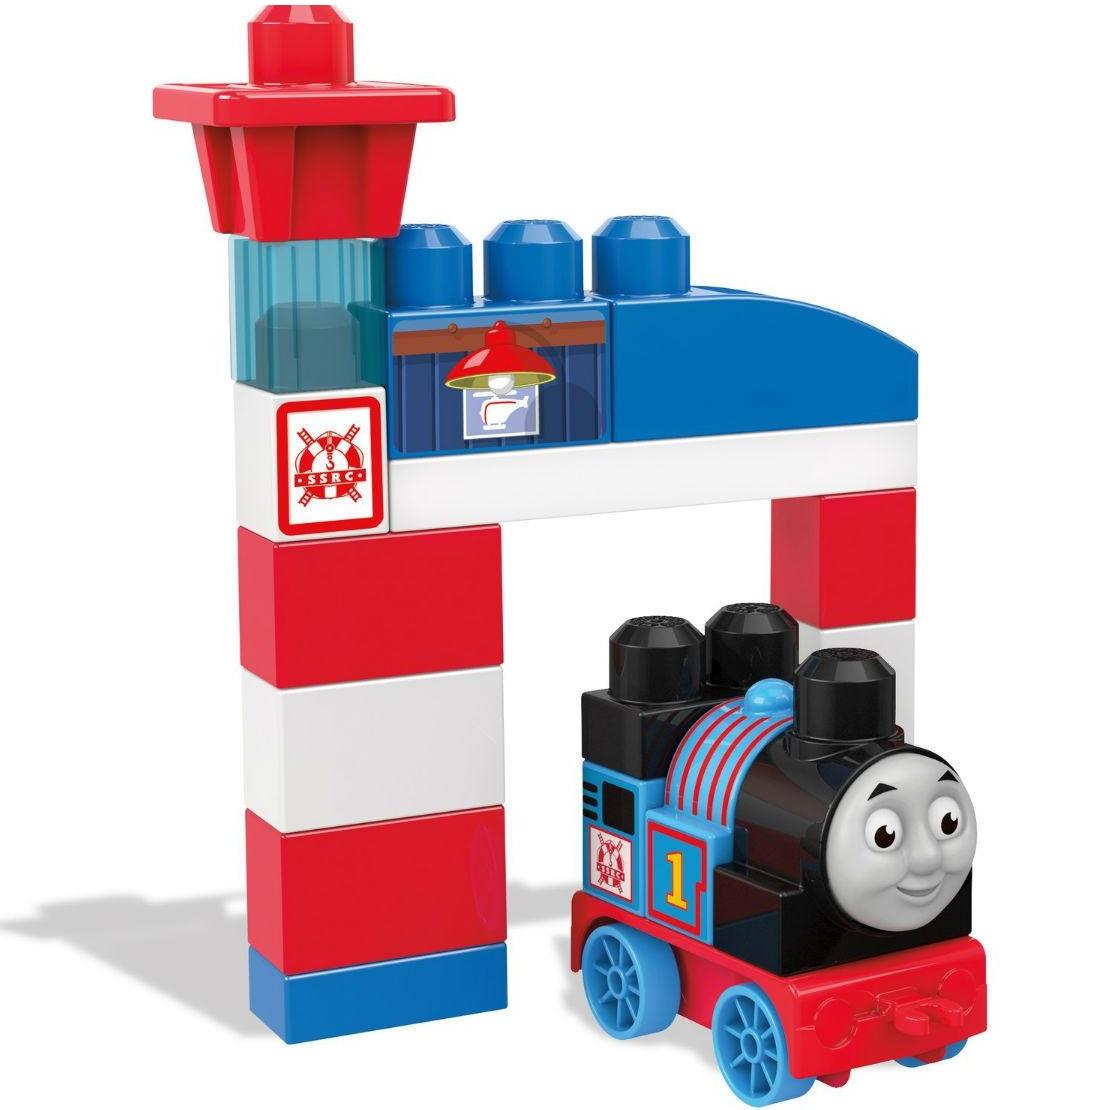 Игрушки и игры  продажа детских игрушек и игр для мальчиков и ... f6c55bf979dc4